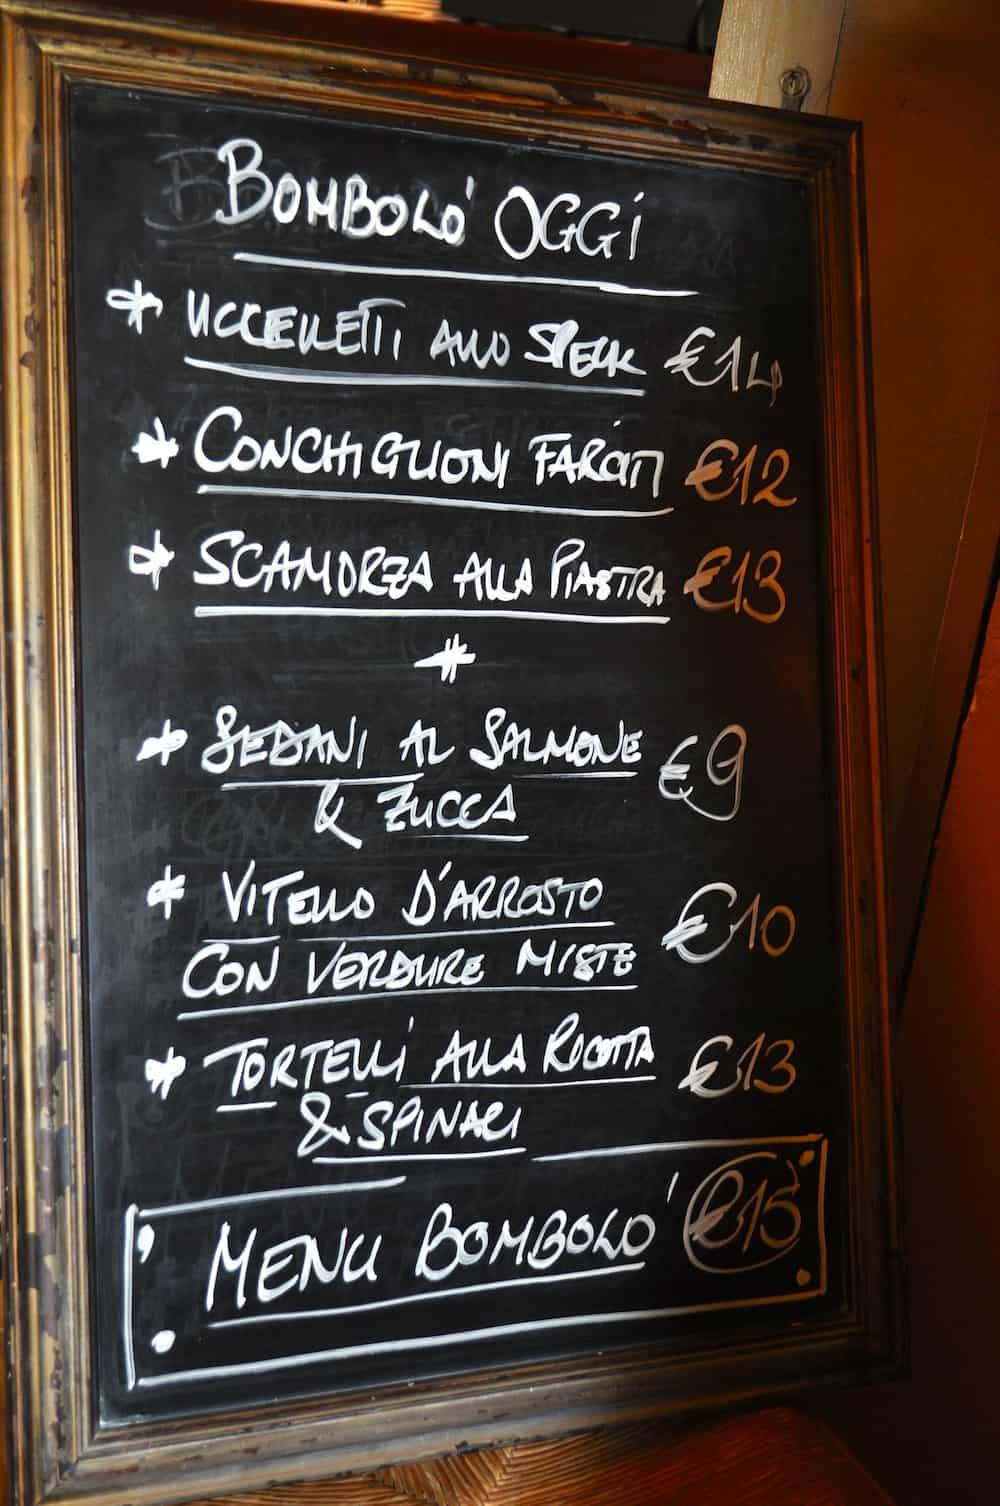 bombolo-restaurant